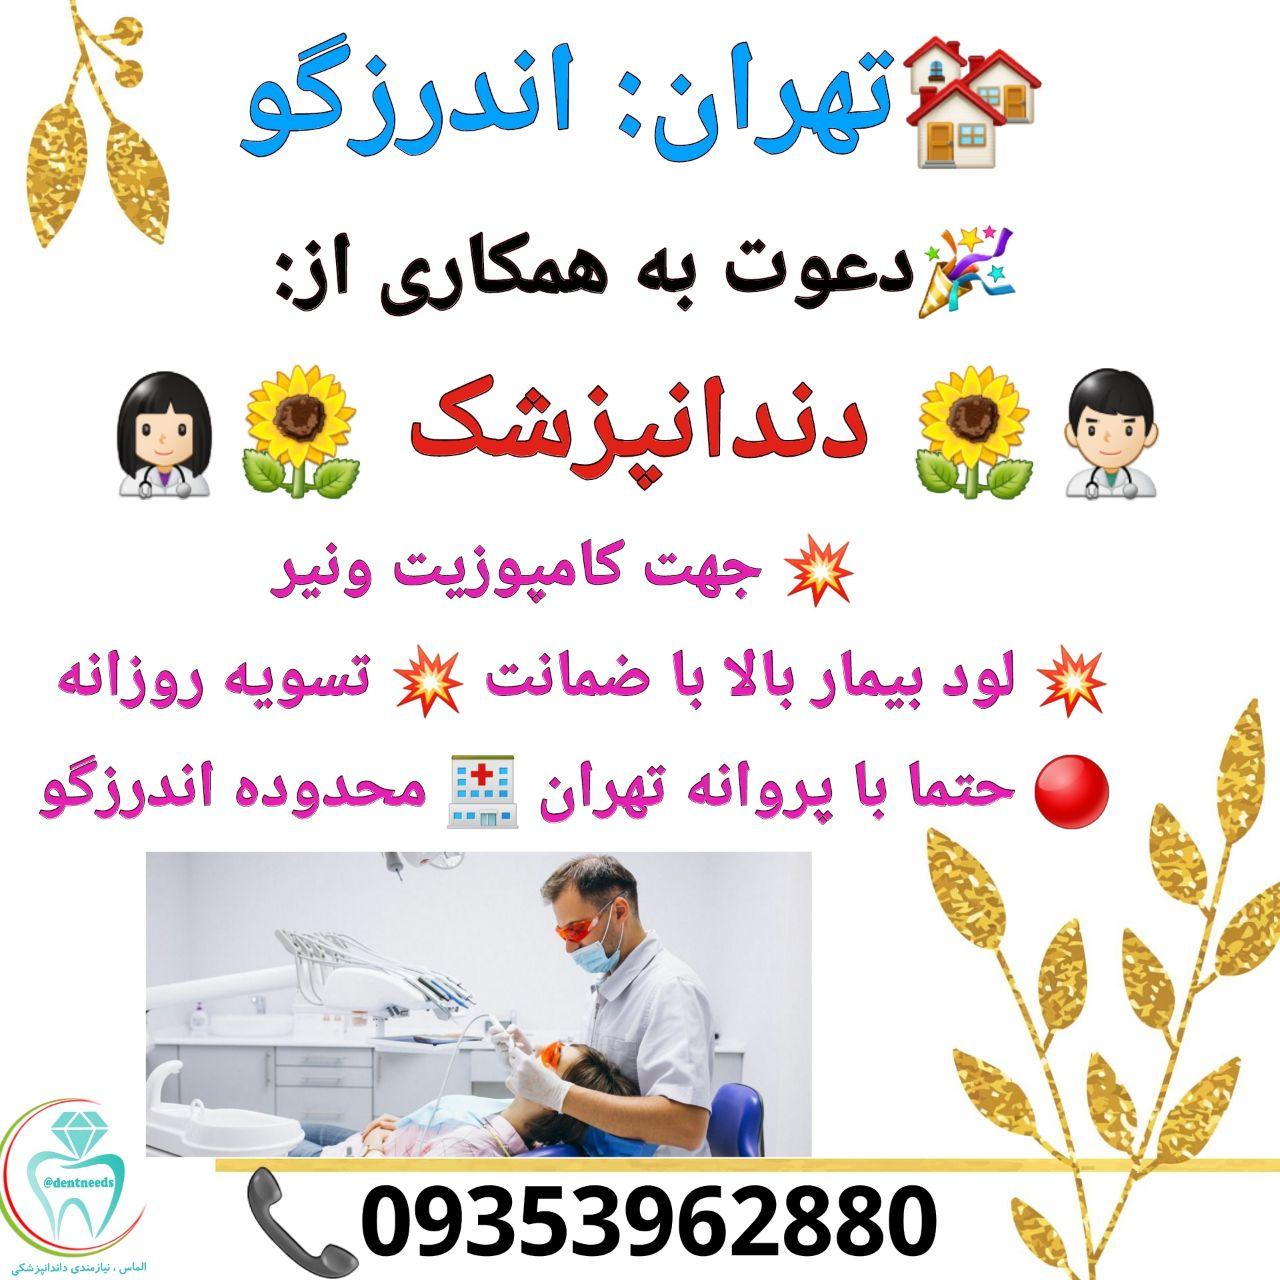 تهران: اندرزگو، دعوت به همکاری از دندانپزشک